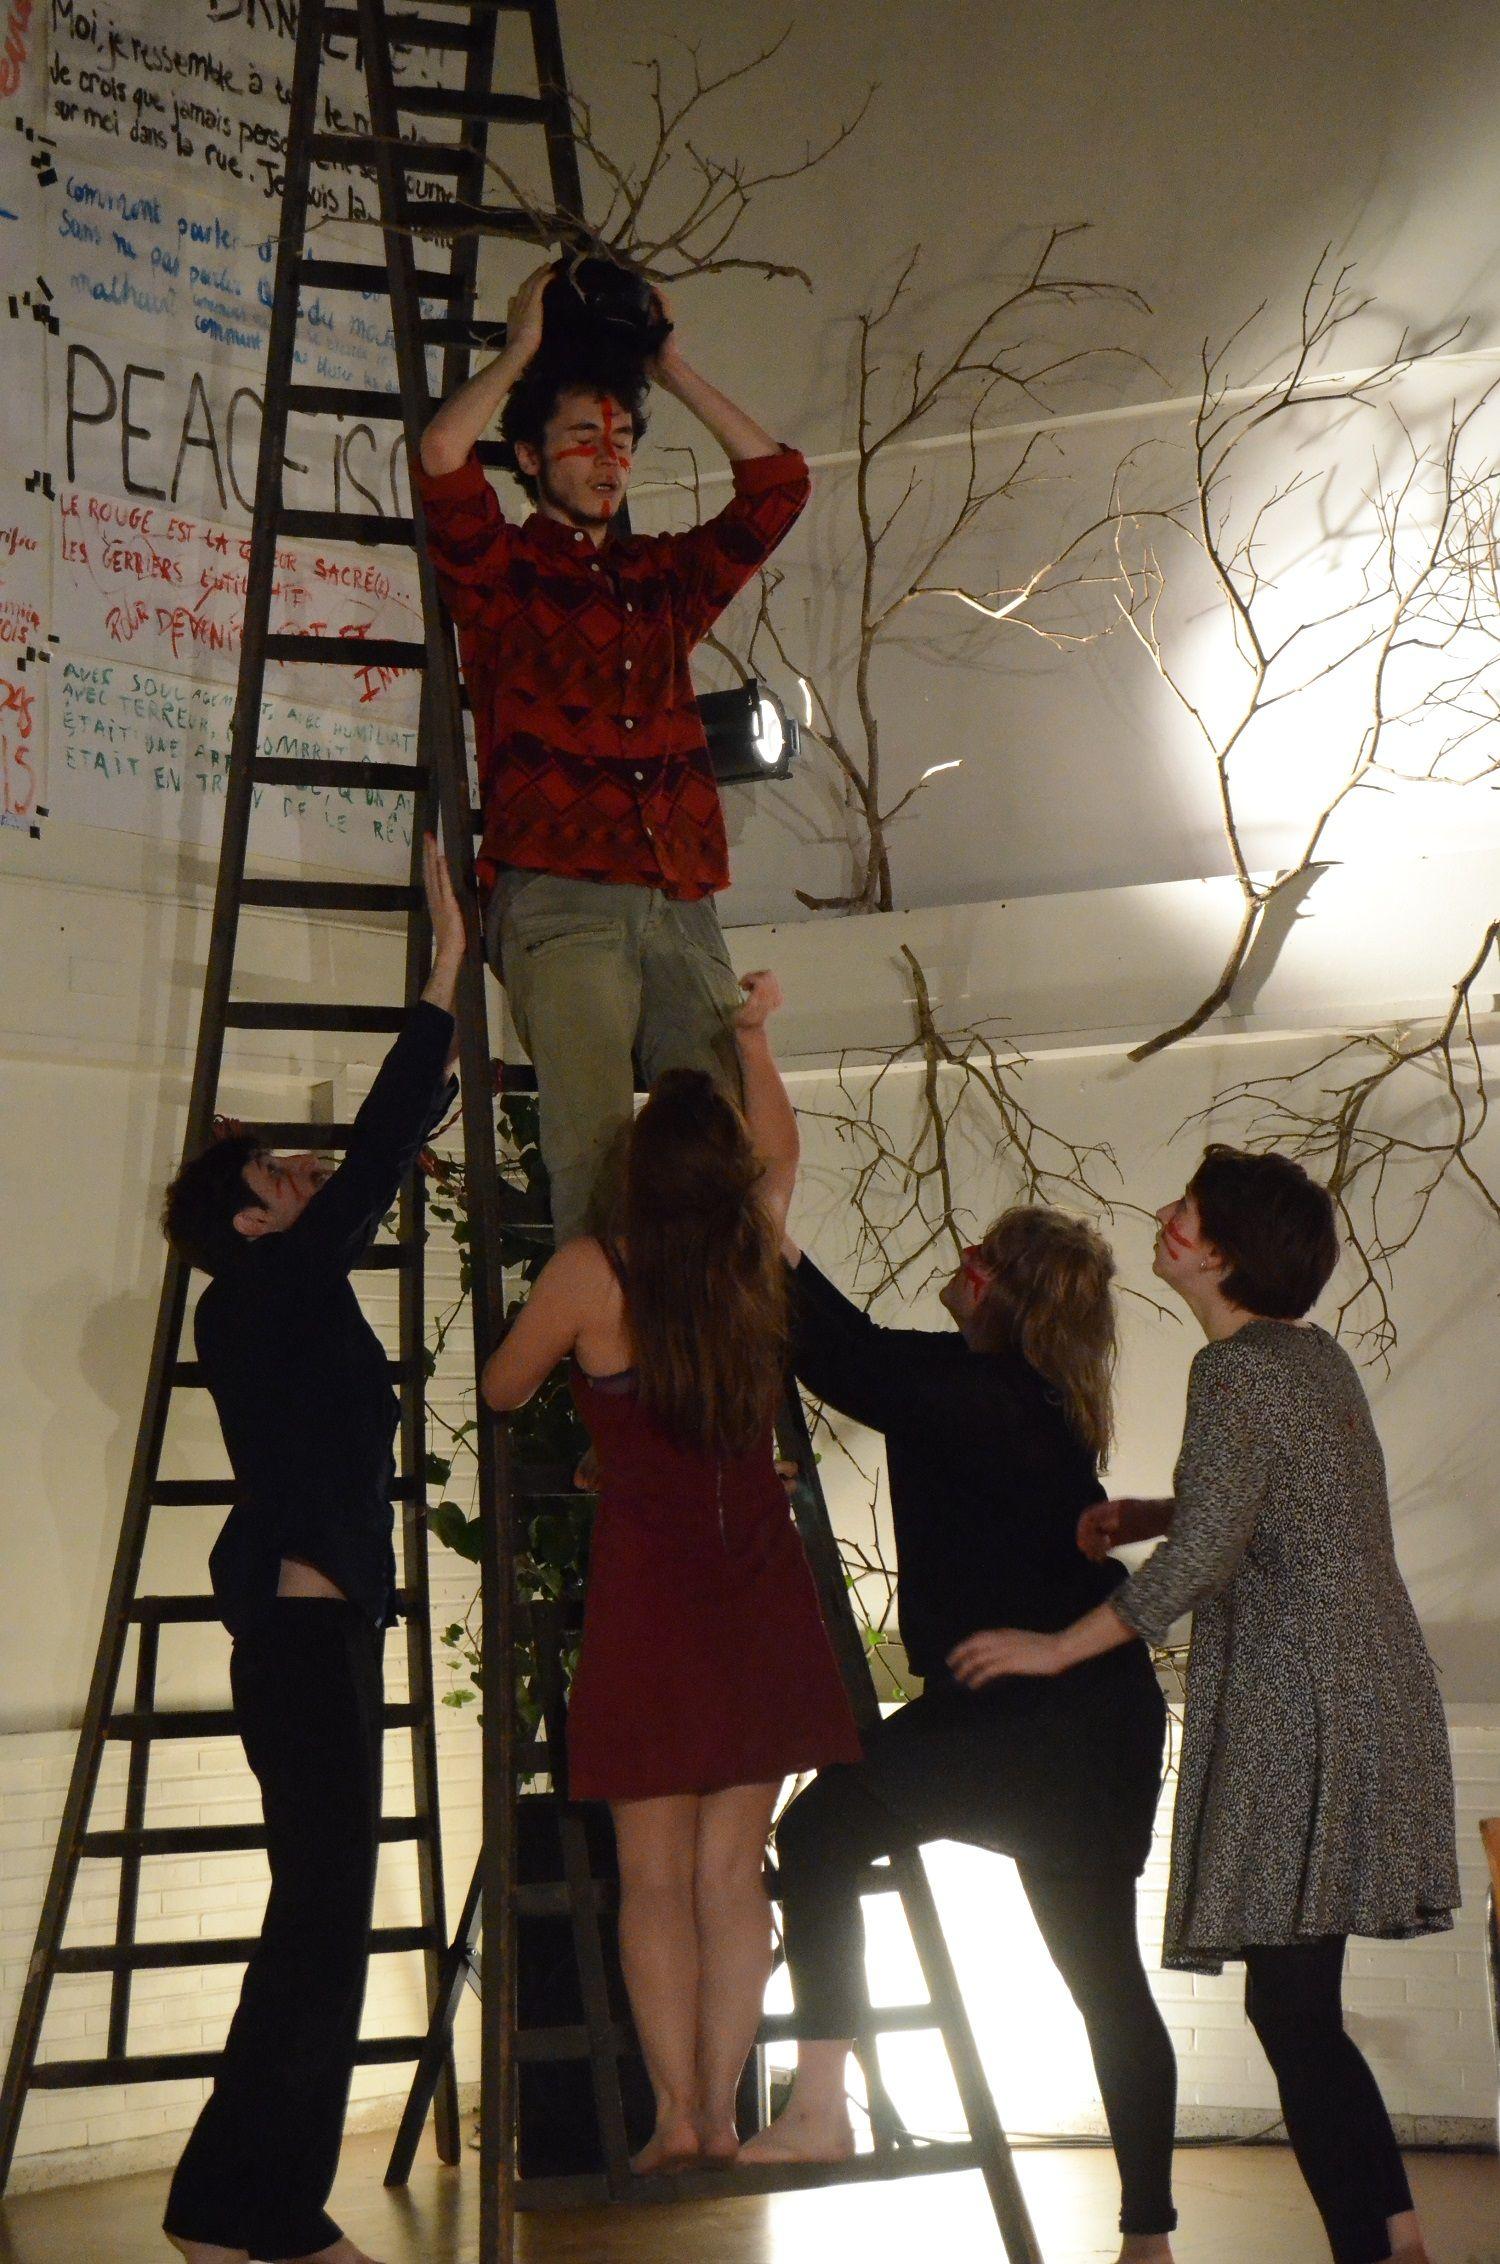 """Nel quadro del progetto """"Alla Scuola di Prospero"""" l'École Supérieure d'Acteurs di Liegi presenta la creazione collettiva """"ab ovo - à partir de l'oeuf"""". Foto di Frédéric Verheyden. #VIEFestival2016 #emiliaromagnateatro #modena #bologna #carpi #vignola #festival #innovation #theatre #artist #young"""